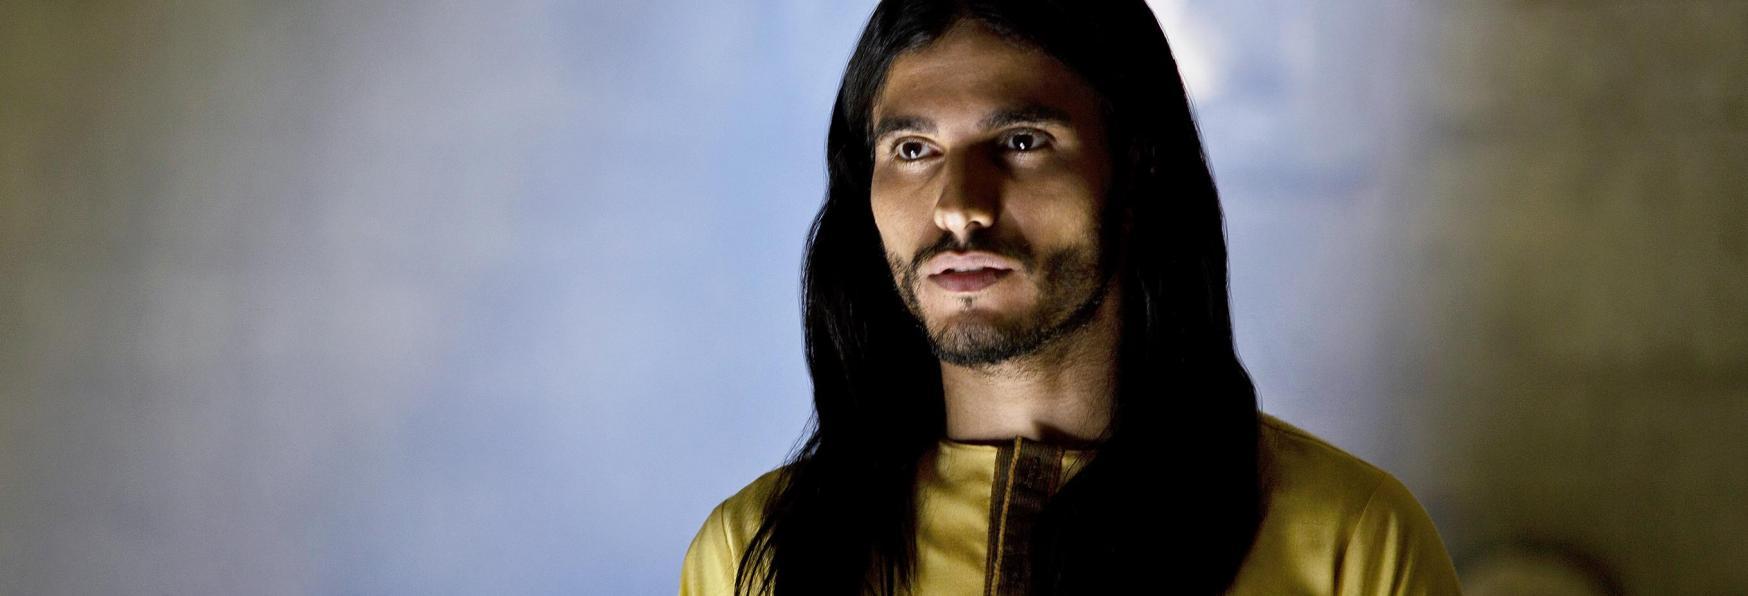 Messiah: la Recensione della tanto Criticata Serie TV targata Netflix